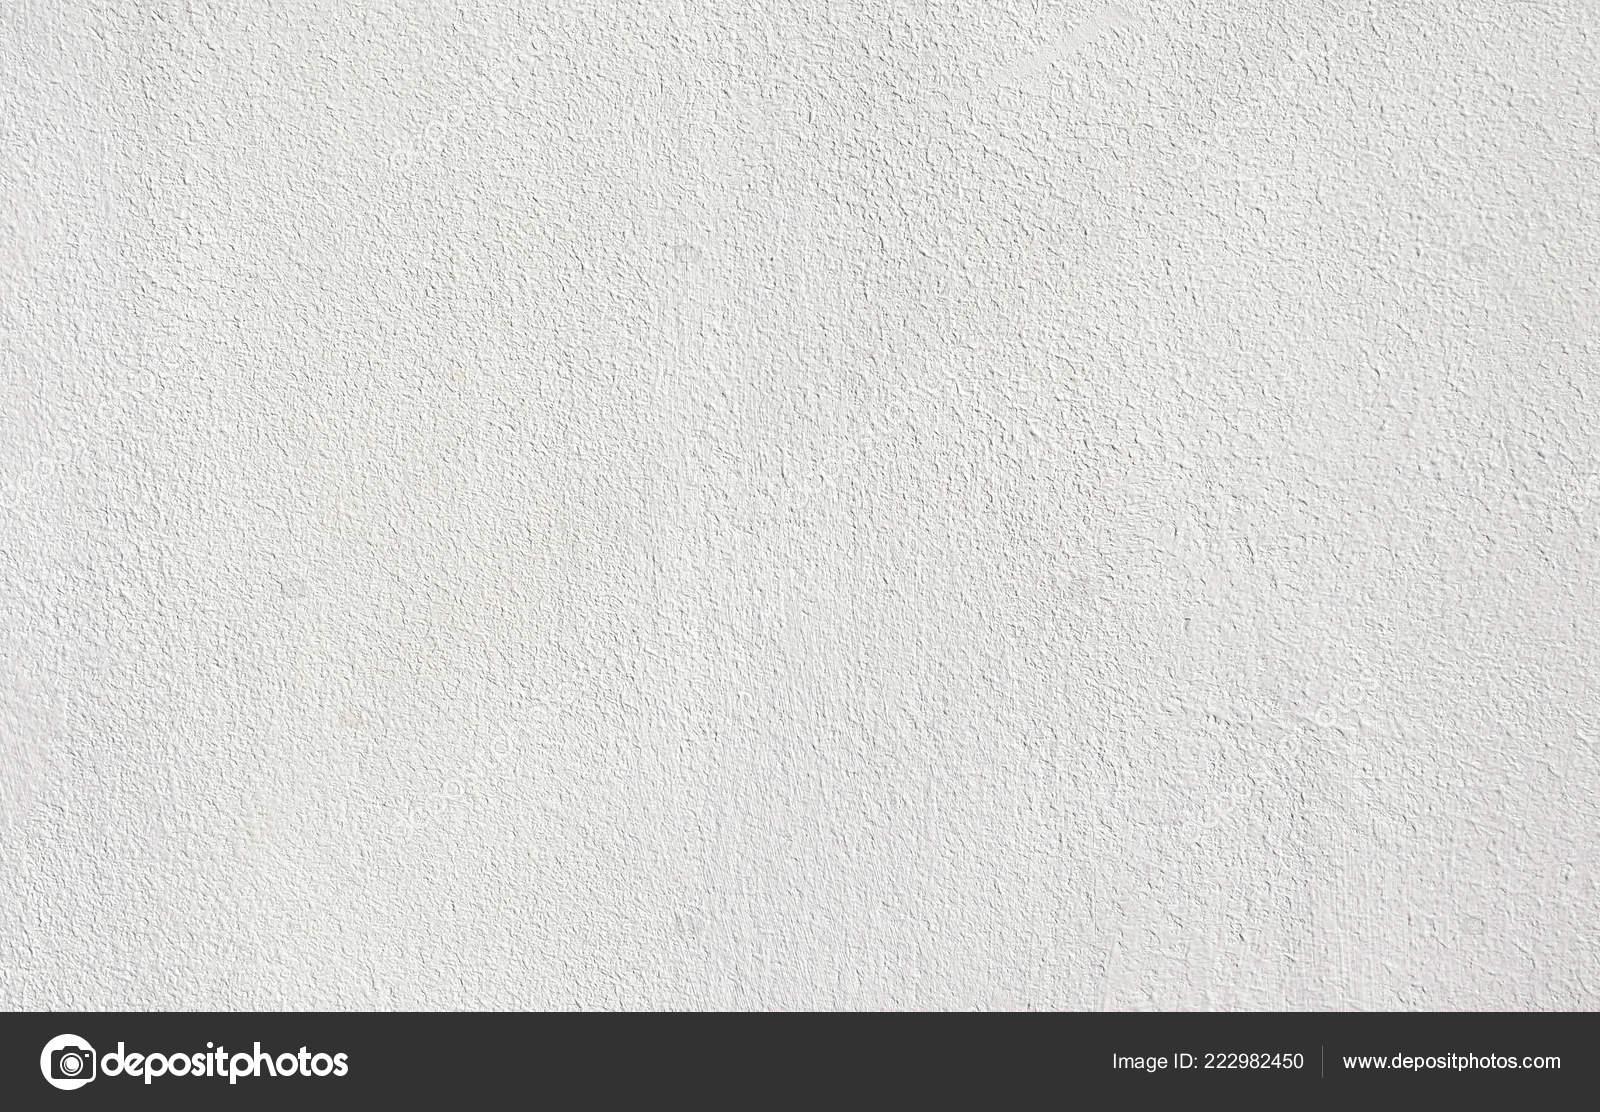 Texture de mur de peinture blanche. Concept de fonds Résumé. — Photographie familylifestyle ...